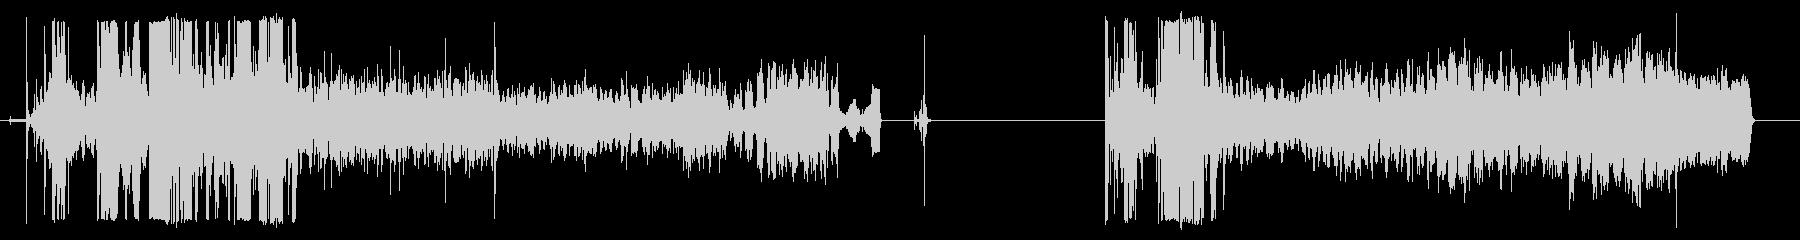 アルミ缶クラッシャー、2バージョン...の未再生の波形